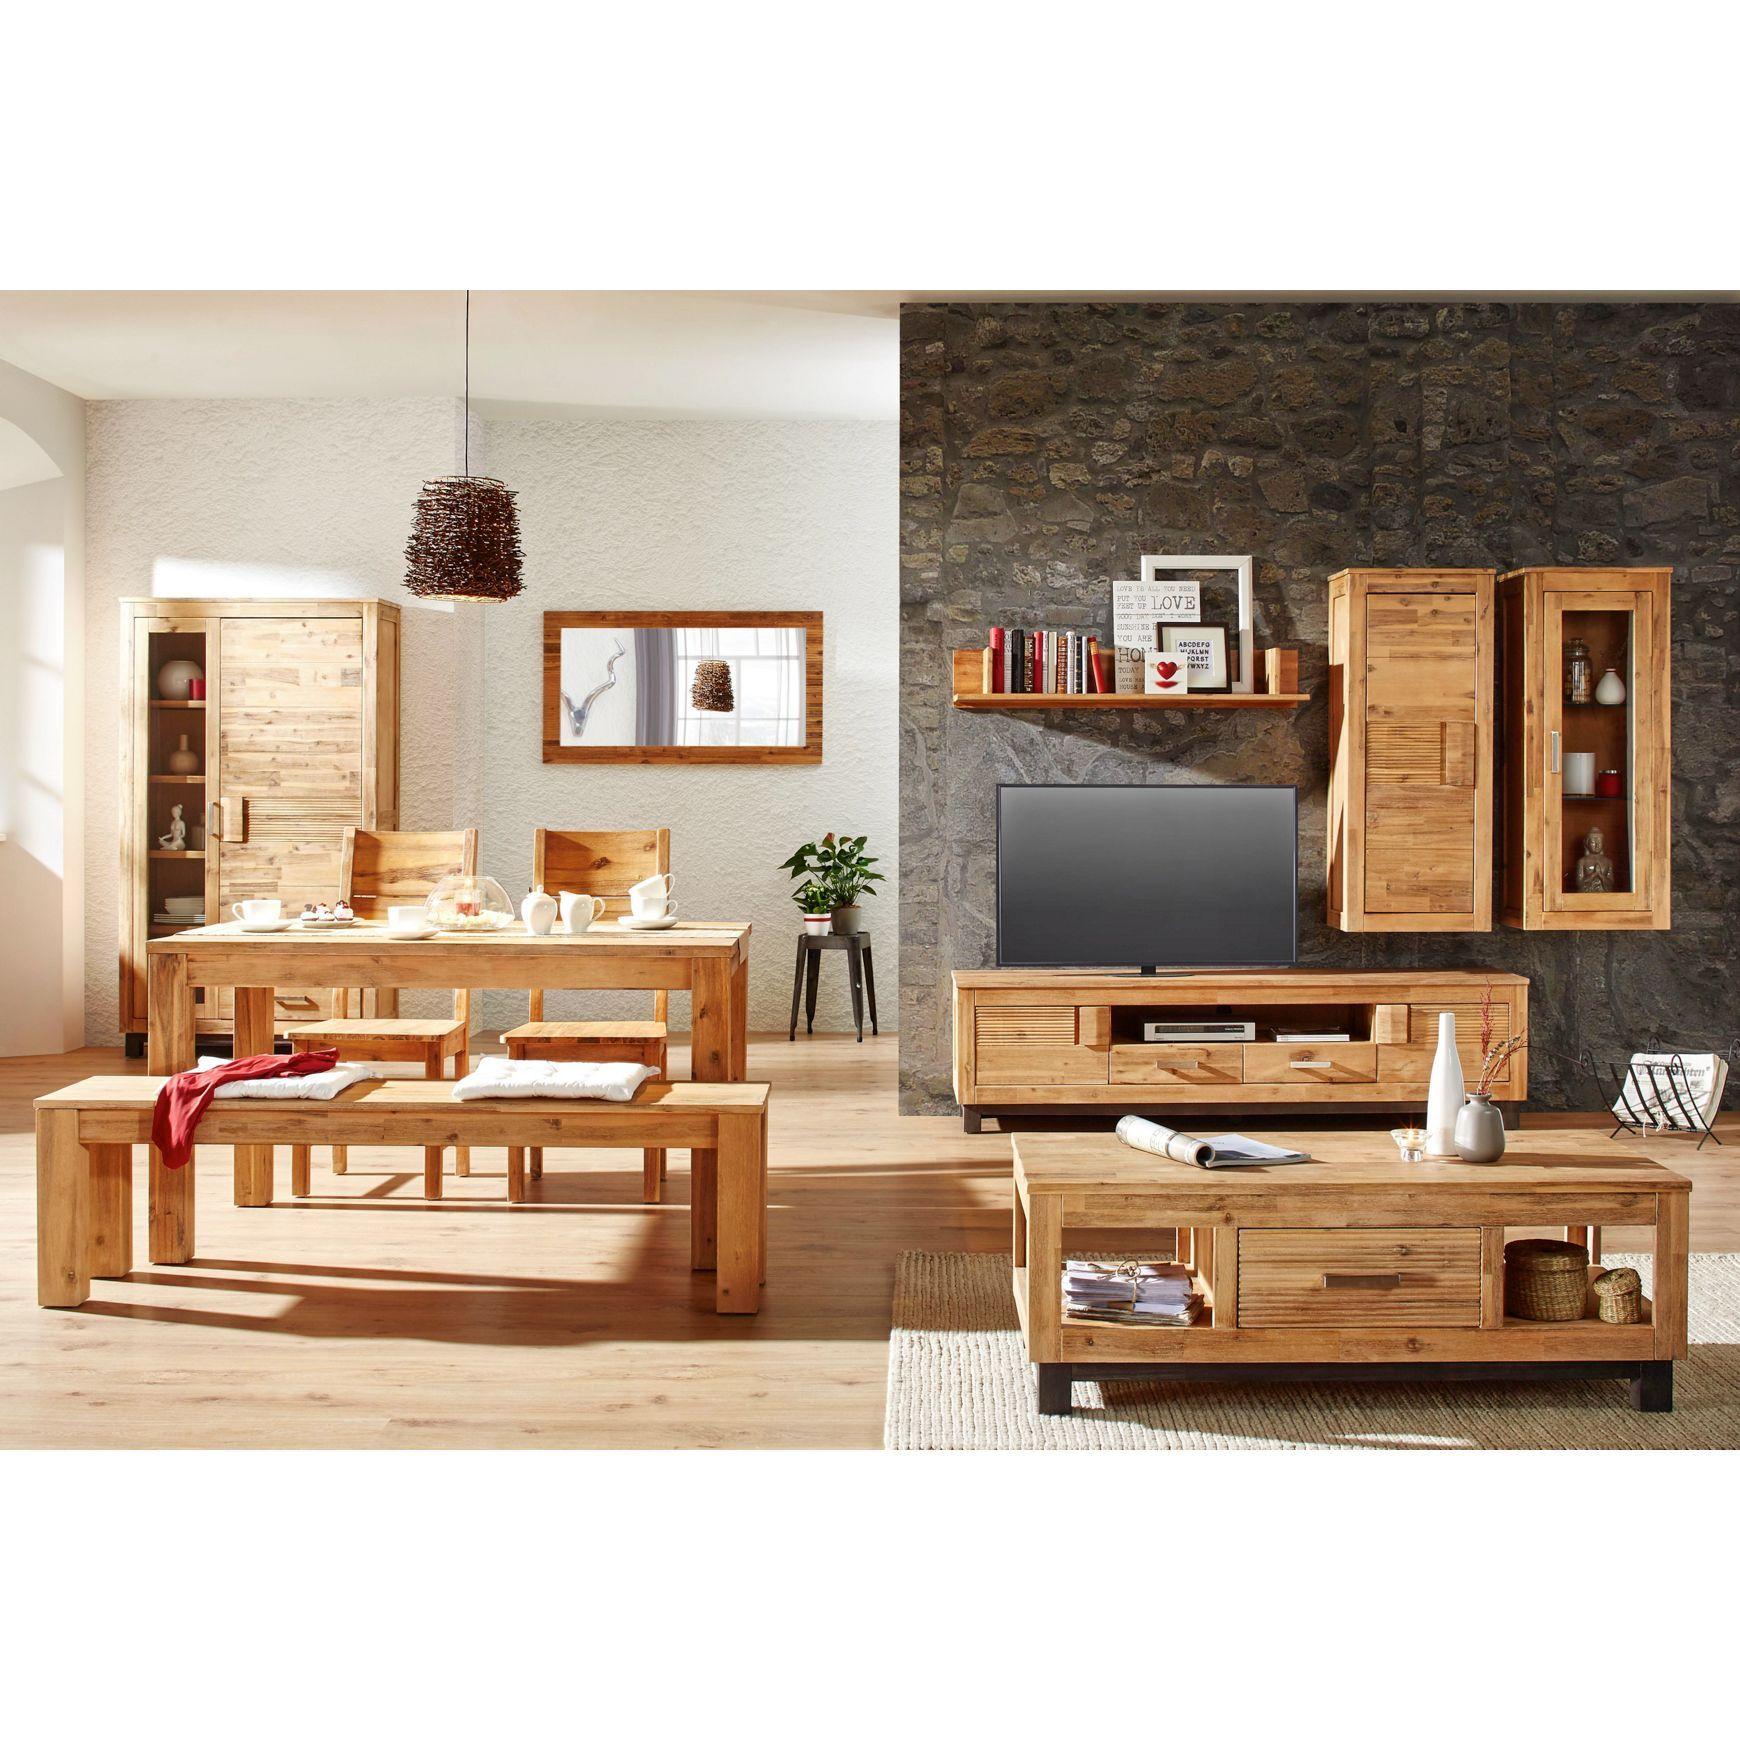 TV stolek od ZANDIARA nádech luxusu pro VáÅ¡ byt obyvak